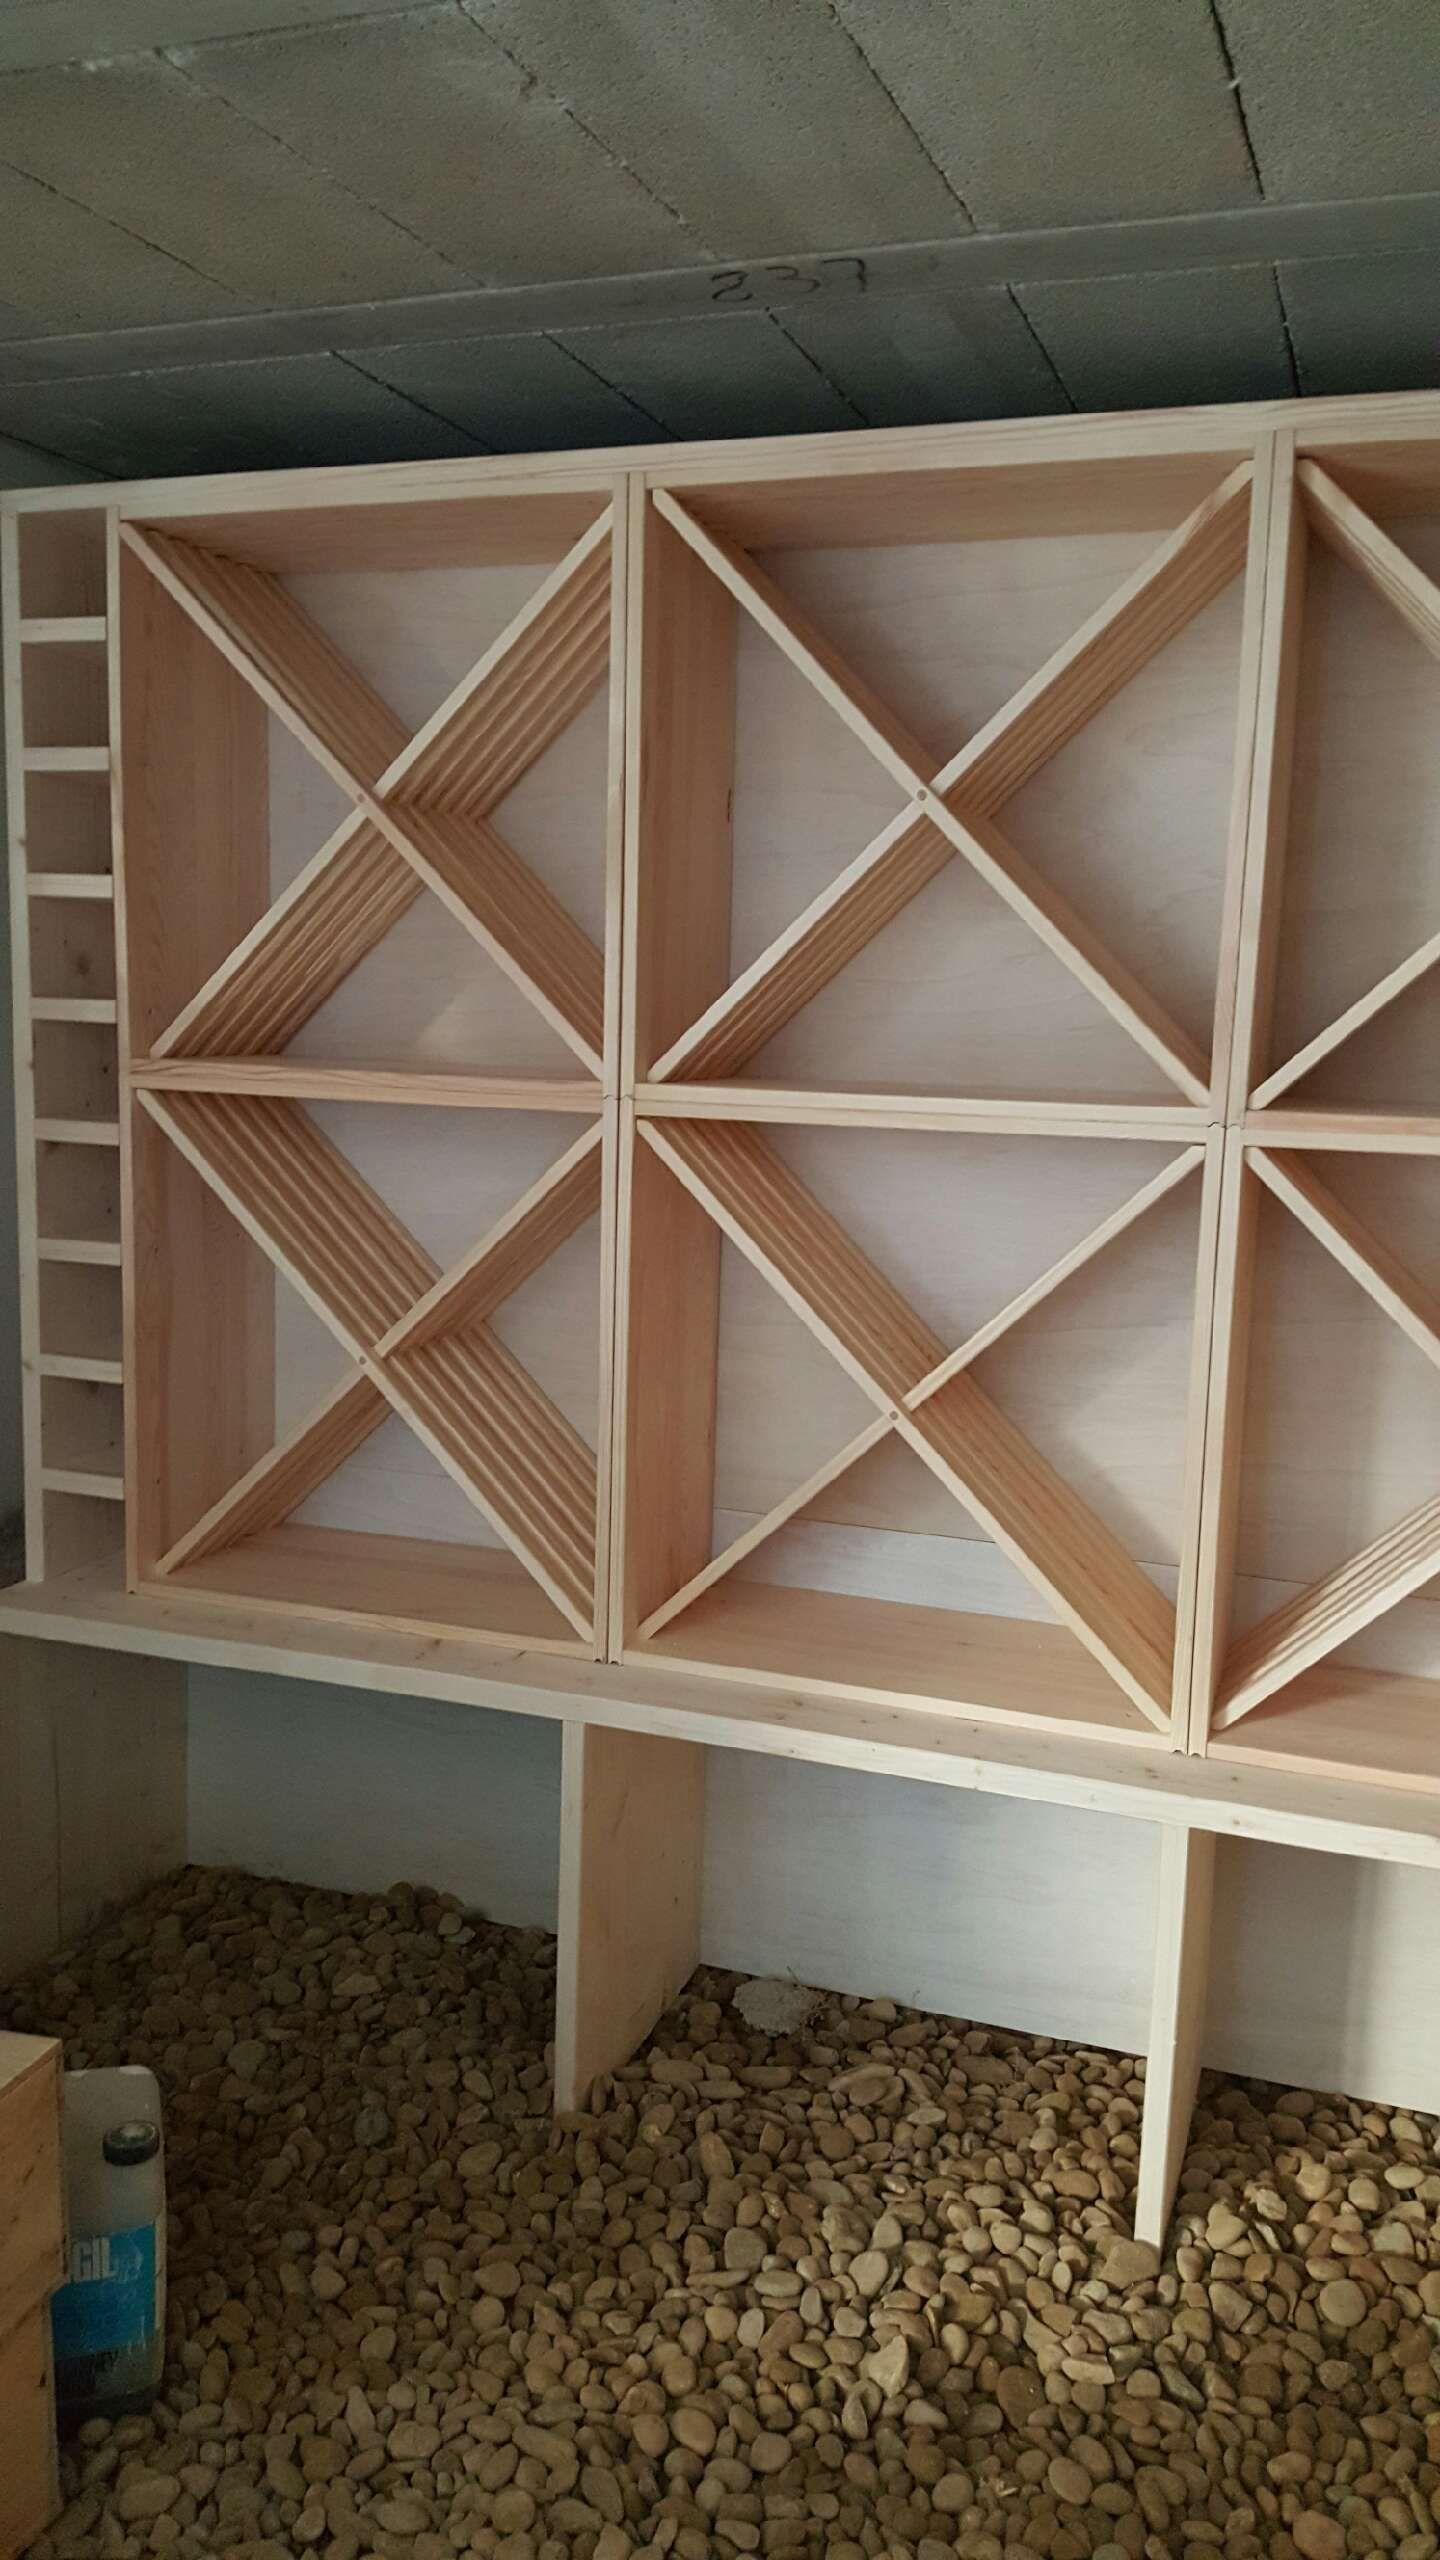 casiers pour bouteilles casier vin cave a vin rangement du vin amenagement cave casier bois meuble en bois integration de kr64 dans une structure